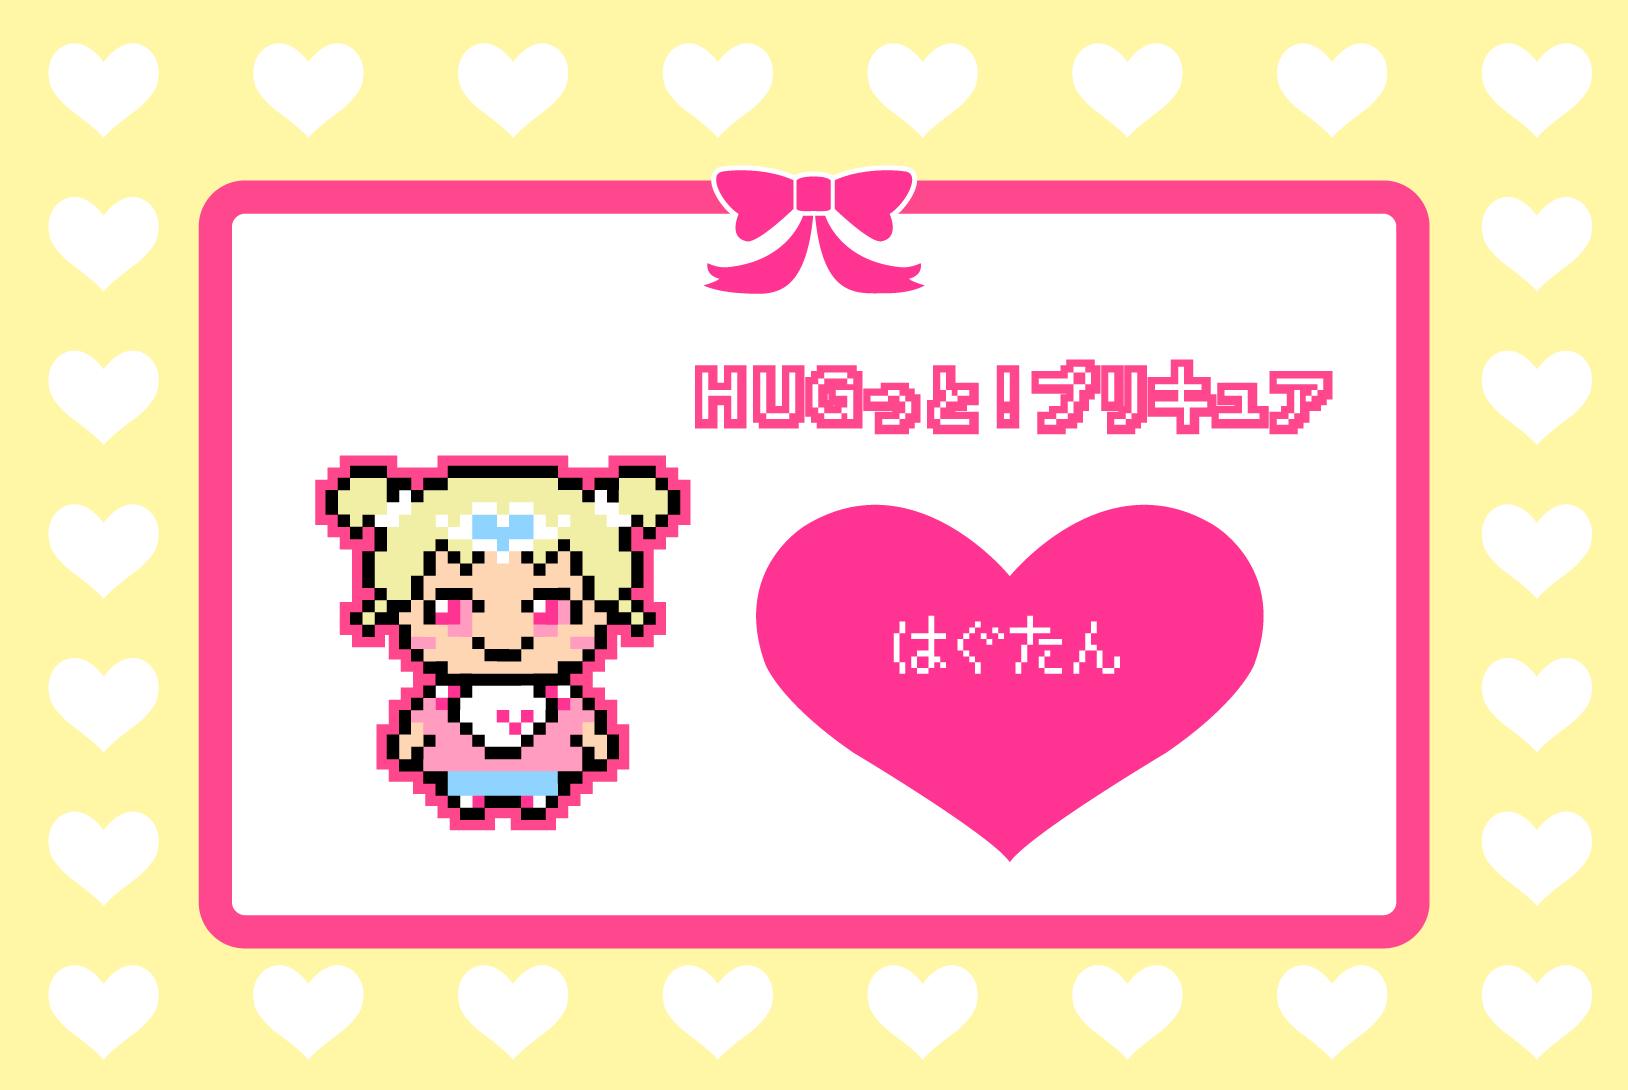 【HUGっと!プリキュア】はぐたんのアイロンビーズ図案